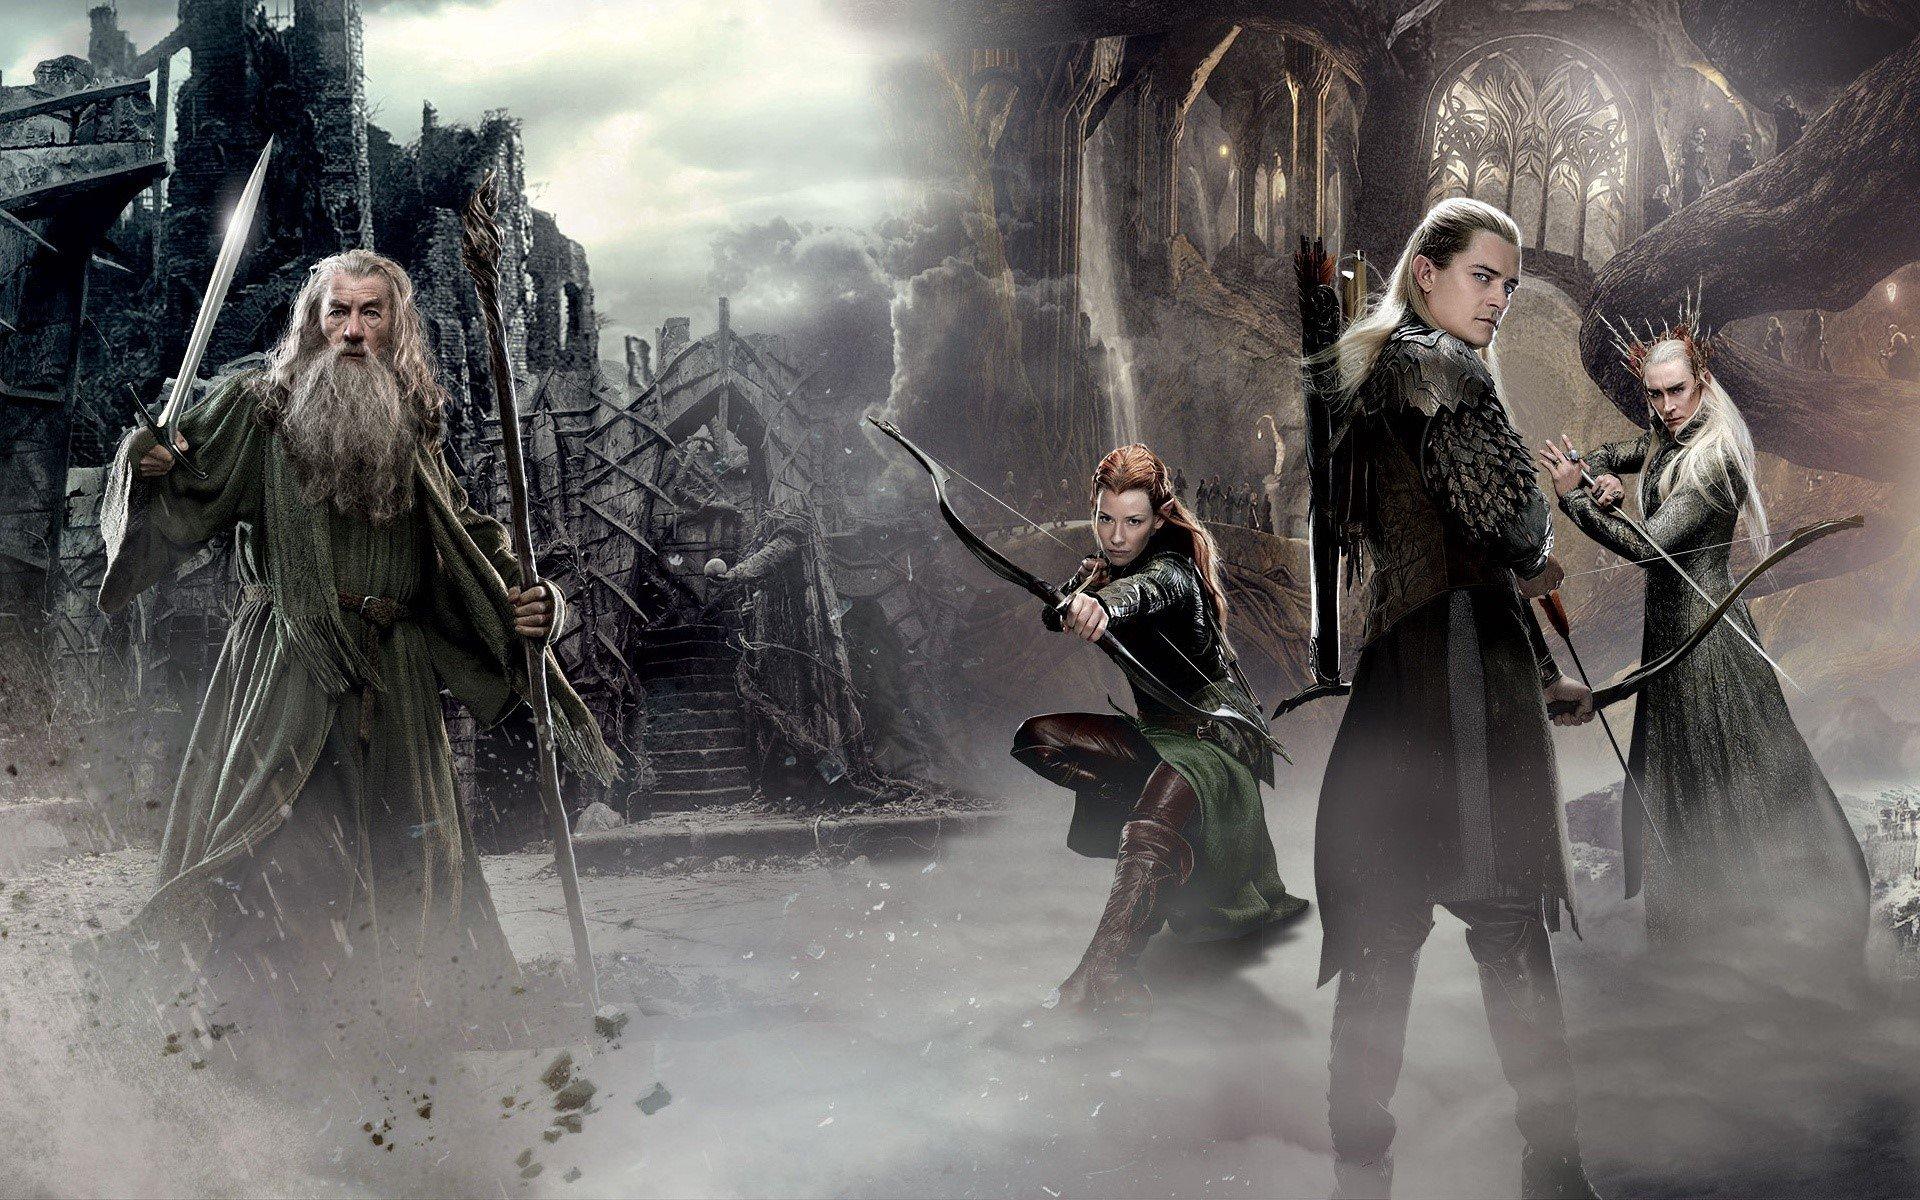 Fondos de pantalla El Hobbit La desolación de Smaug